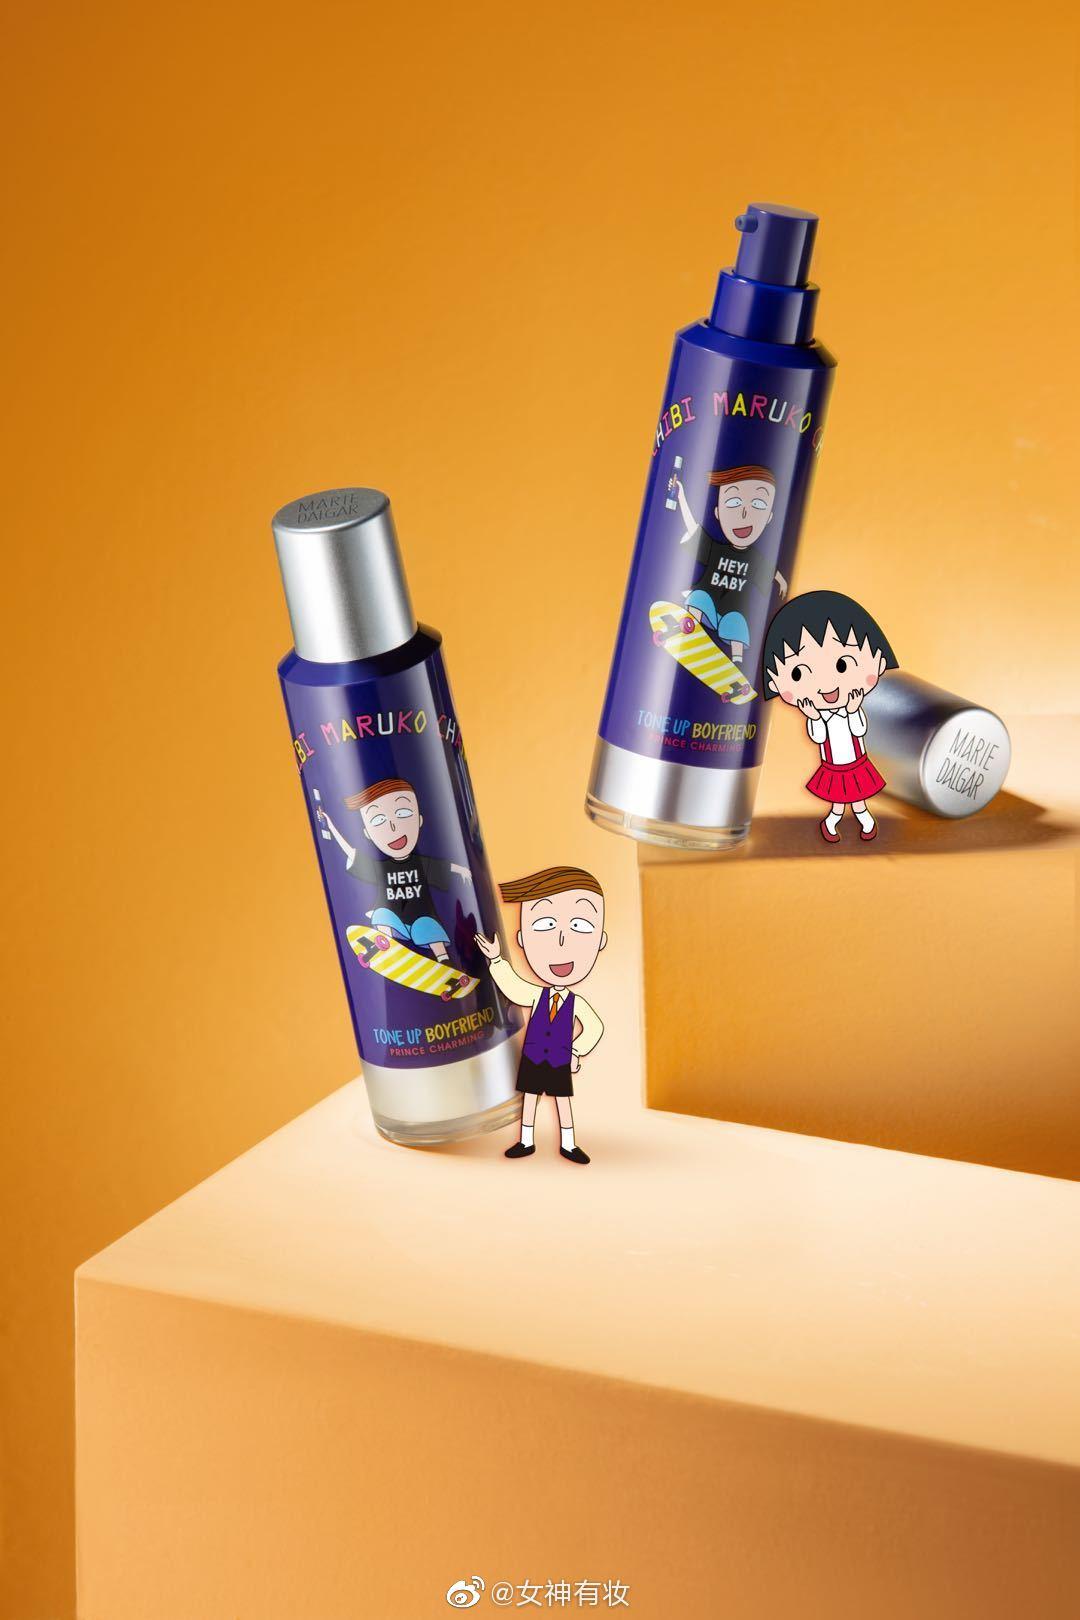 莫名其妙发现最近各大品牌都在出联名系列樱桃小丸子联名彩妆来啦